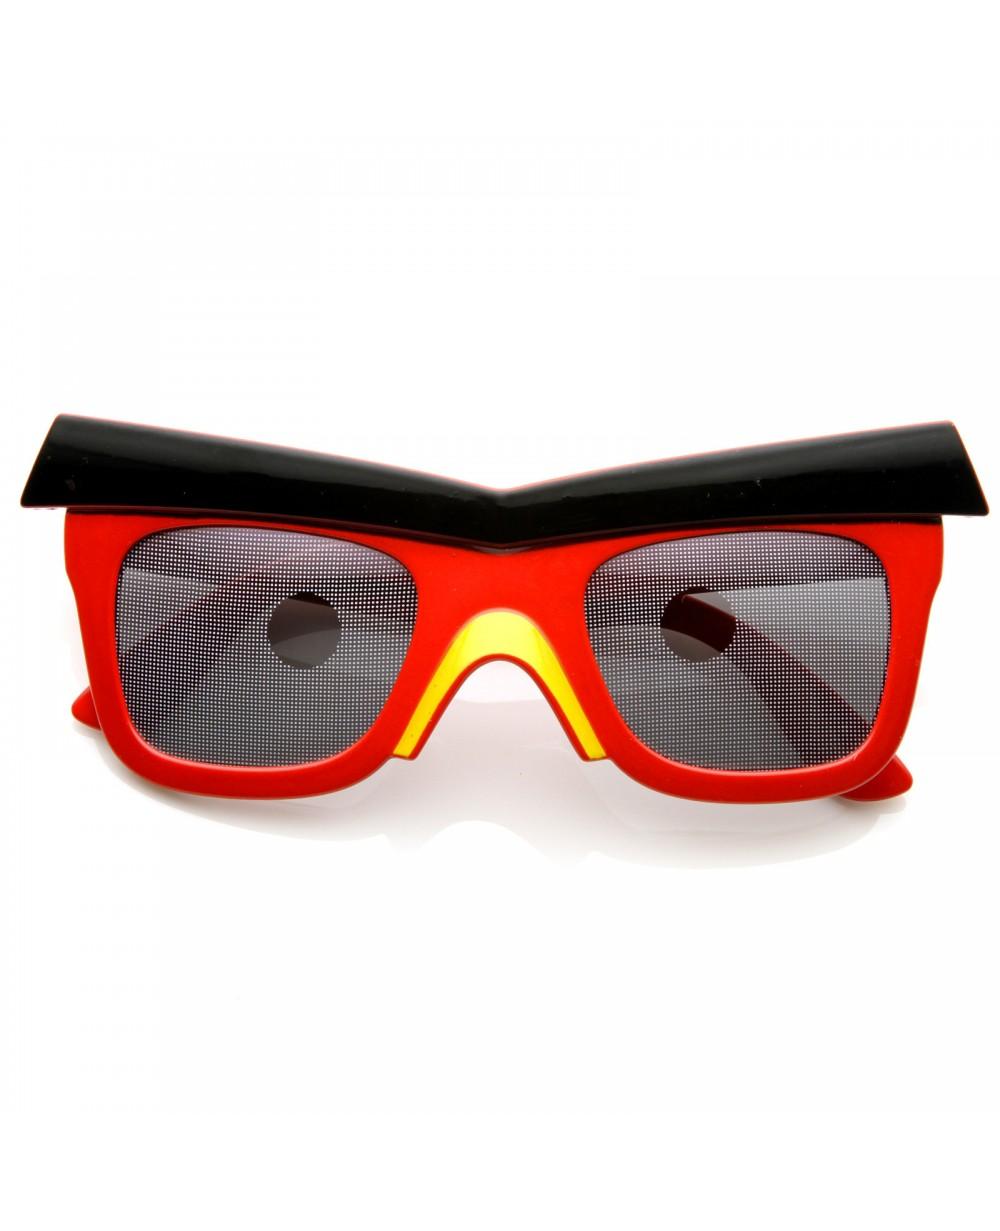 Beak-Sunglasses 12 Unusual Sunglasses trends in 2020